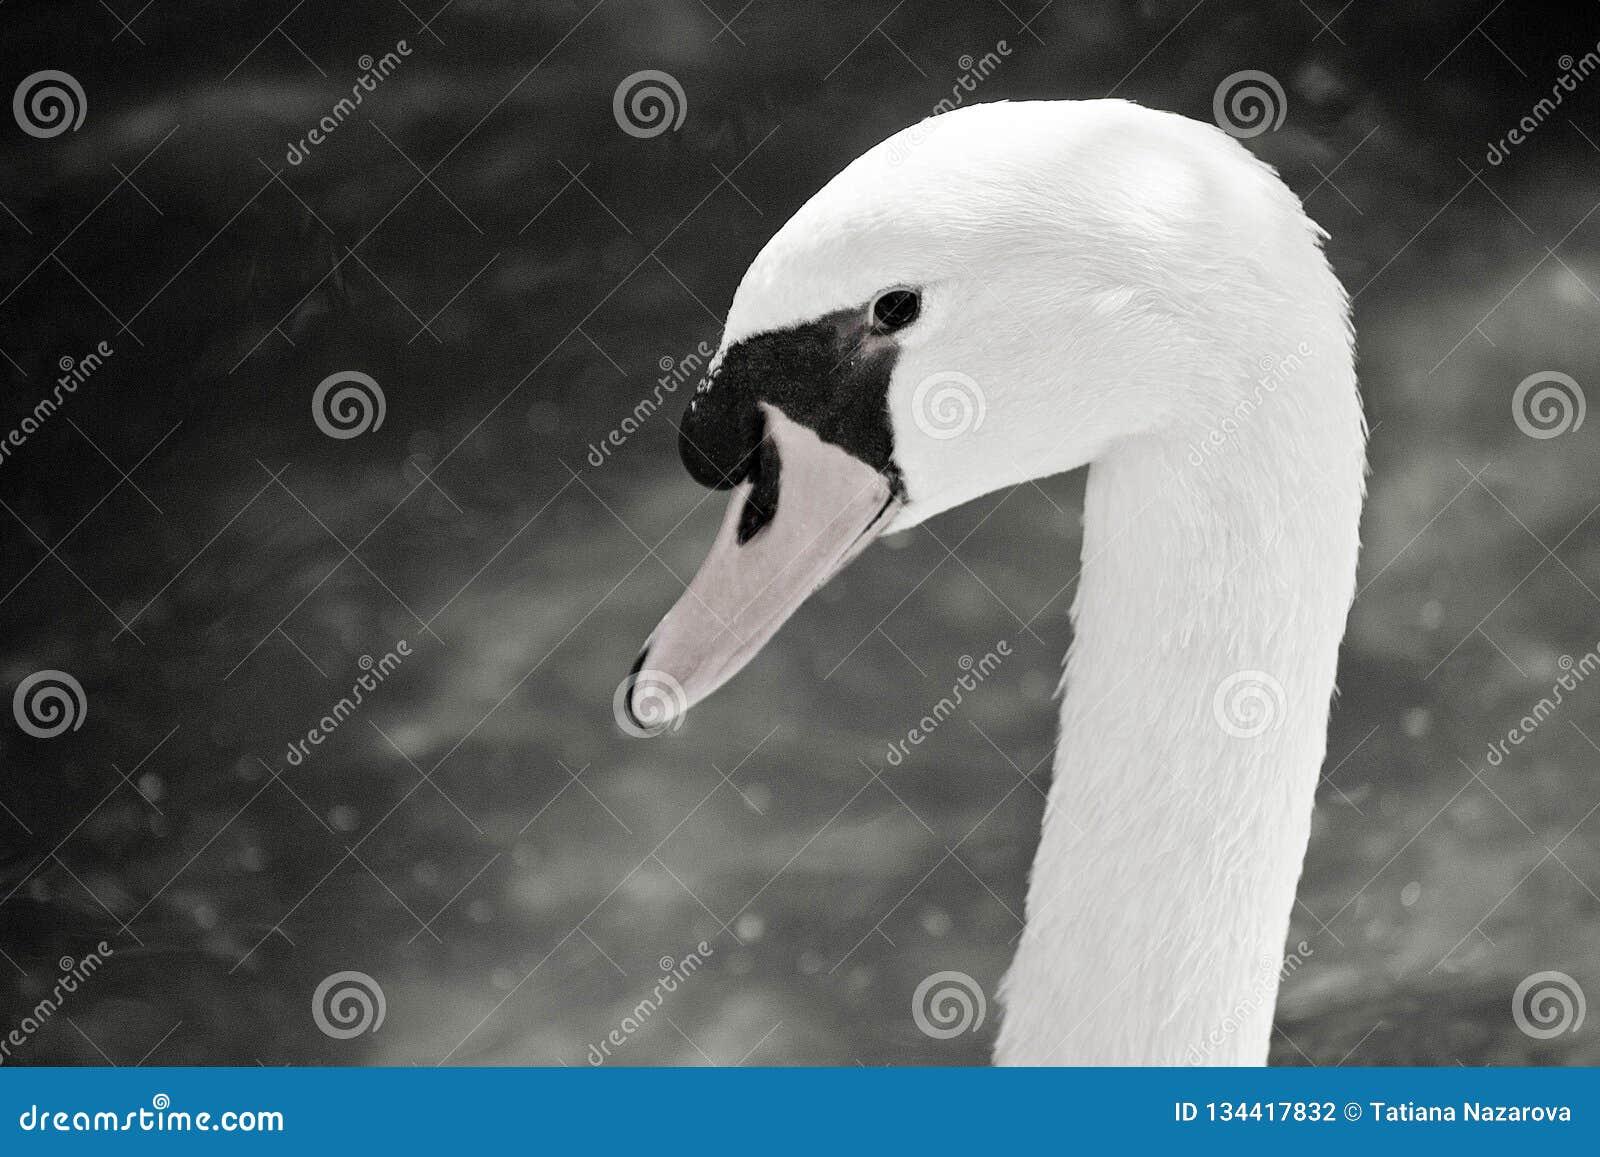 天鹅头黑白照片